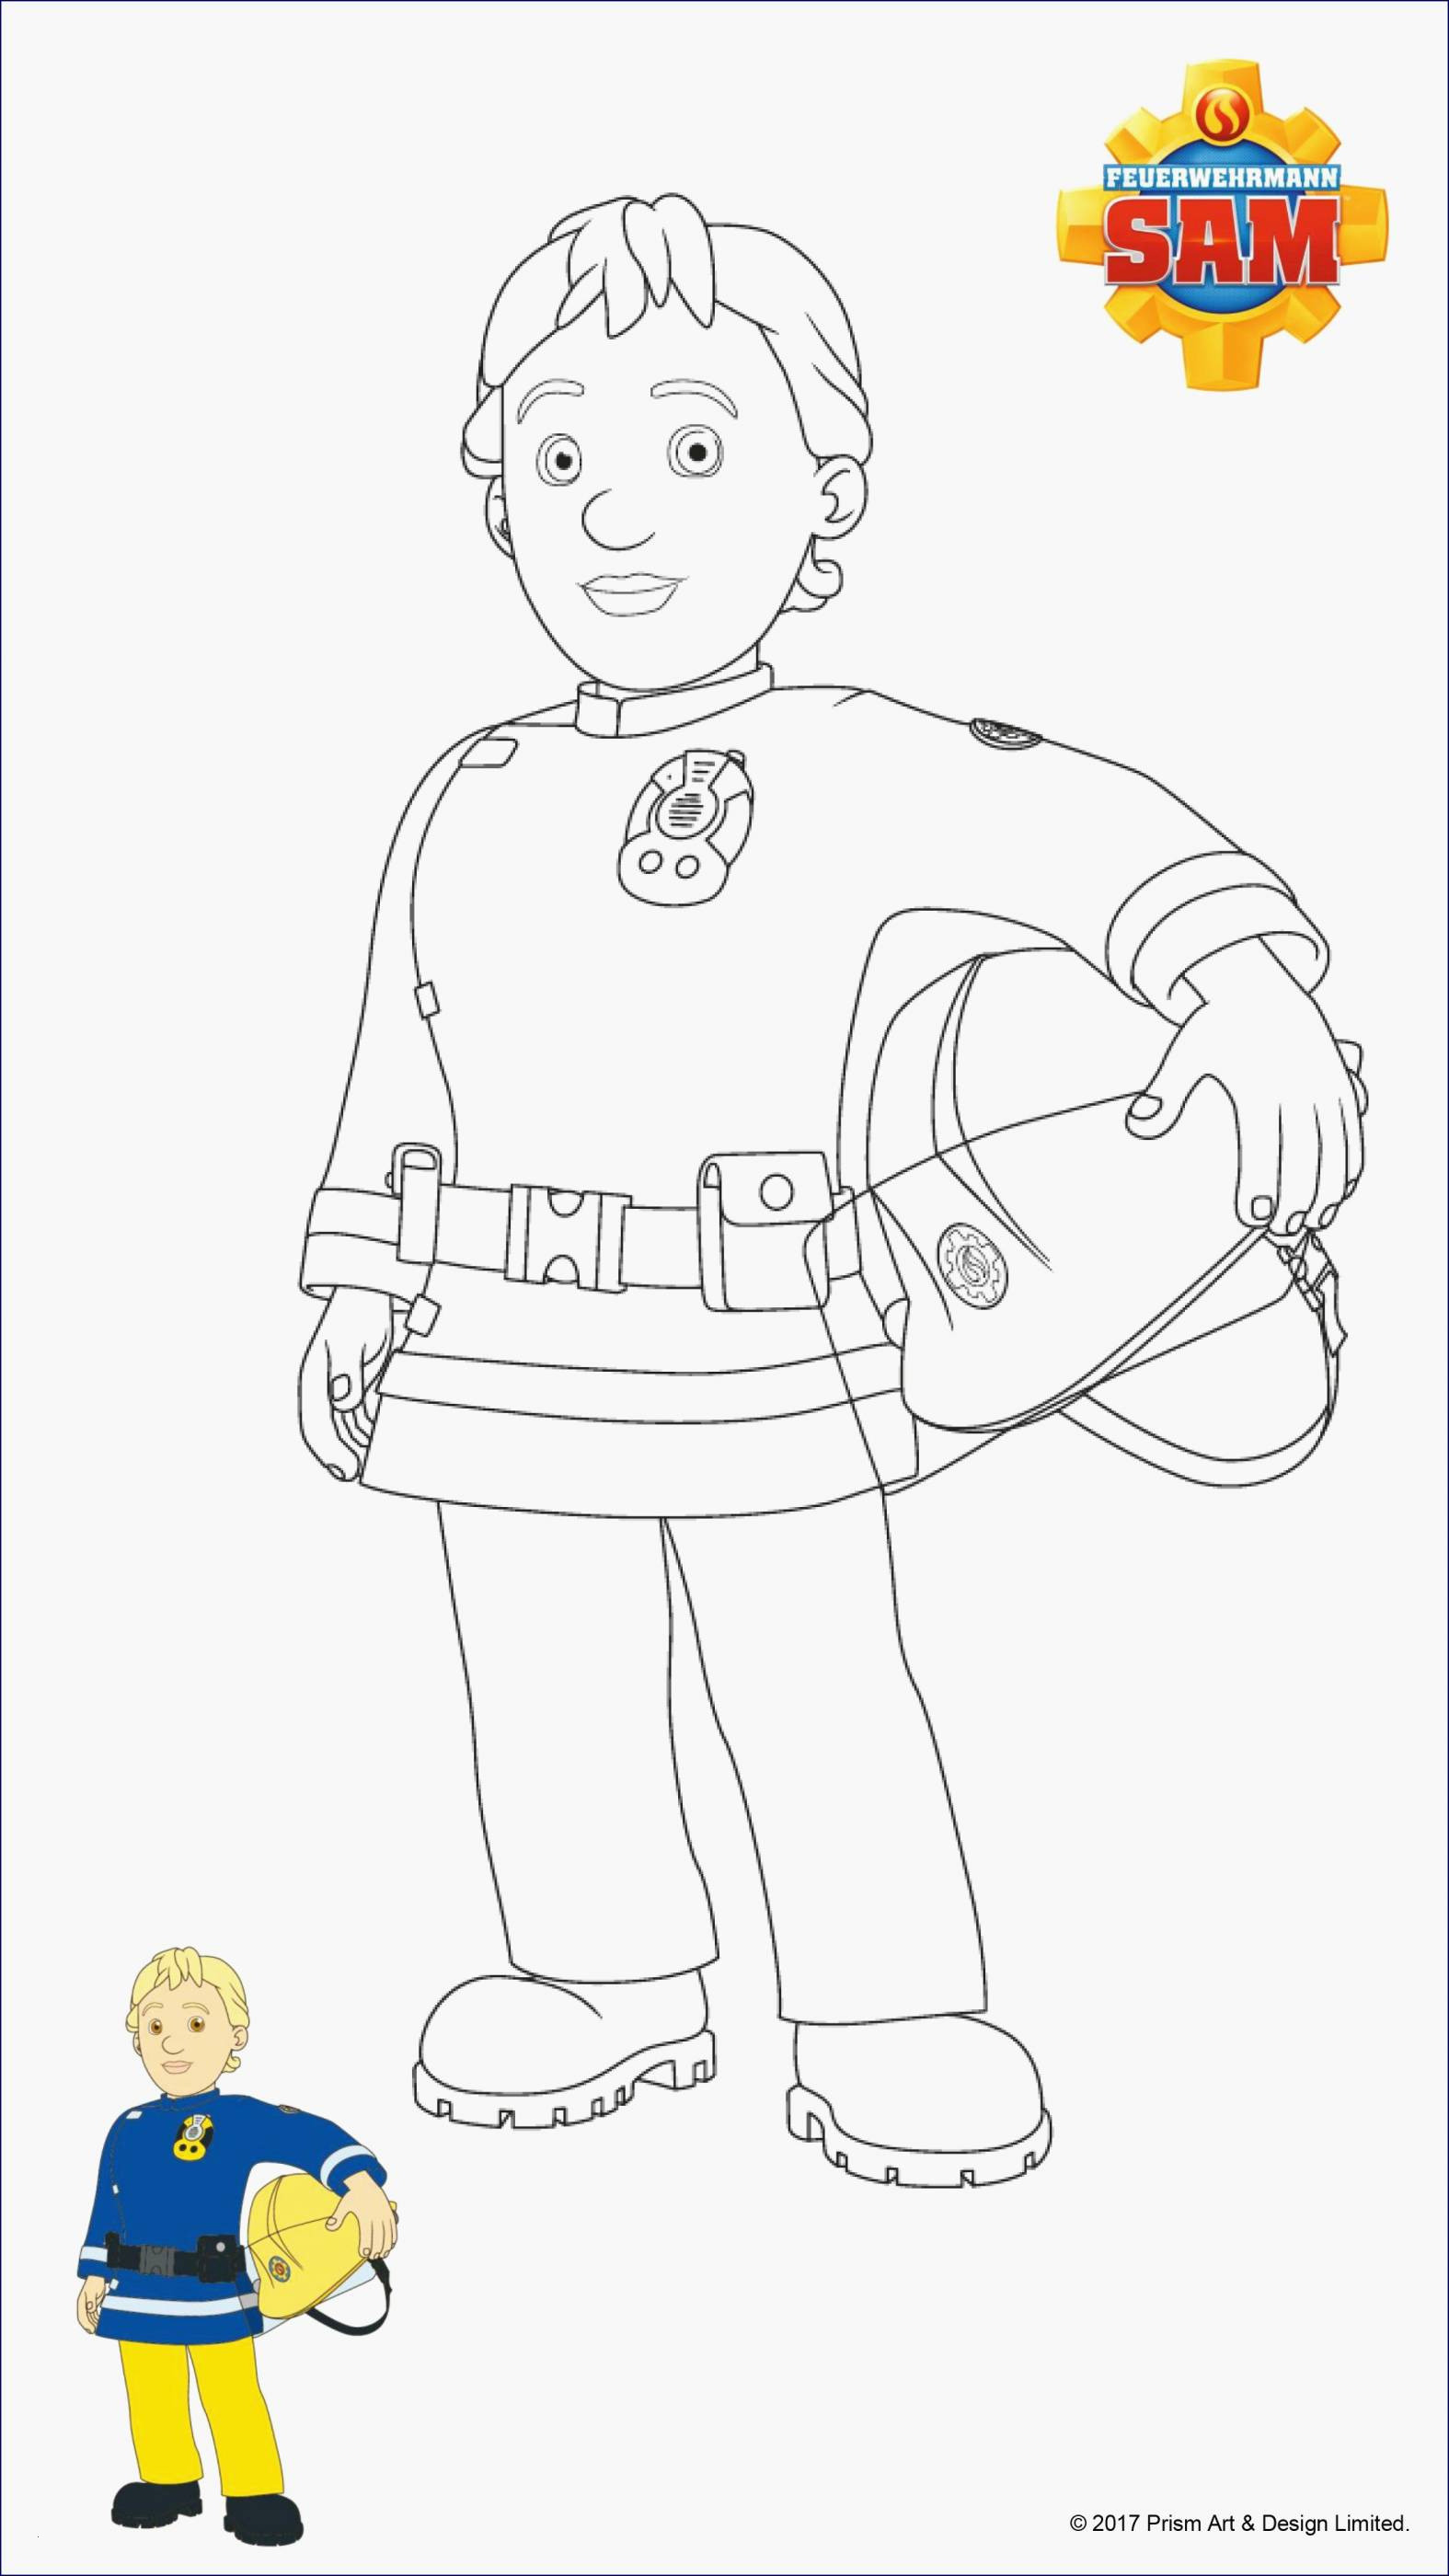 Feuerwehrmann Sam Ausmalbilder Zum Ausdrucken Frisch 40 Ausmalbilder Sam Der Feuerwehrmann forstergallery Sammlung